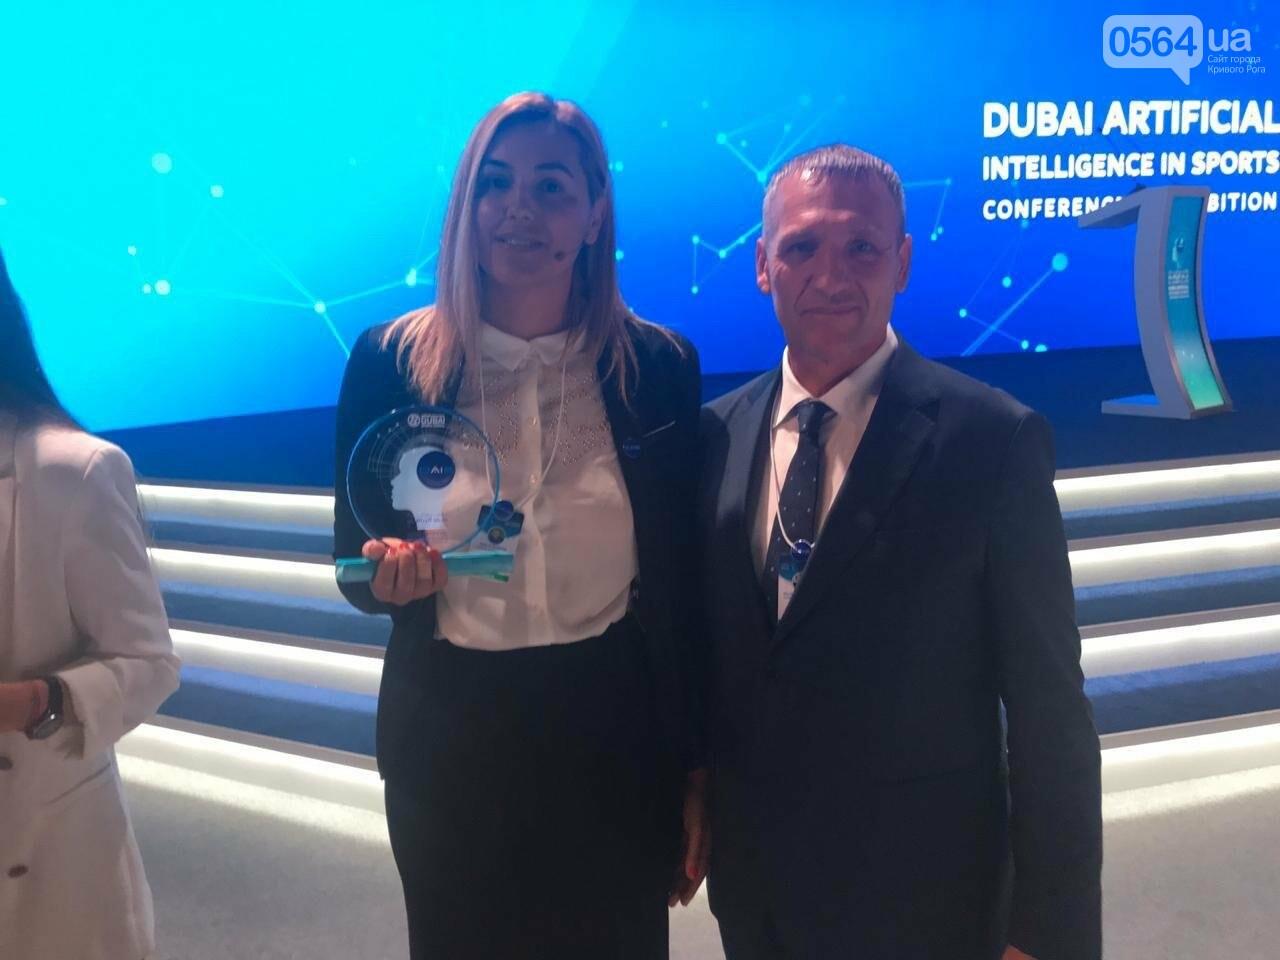 Впервые криворожанин выступил в Дубае с докладом на Конференции по использованию ИИ в спорте, - ФОТО, фото-3